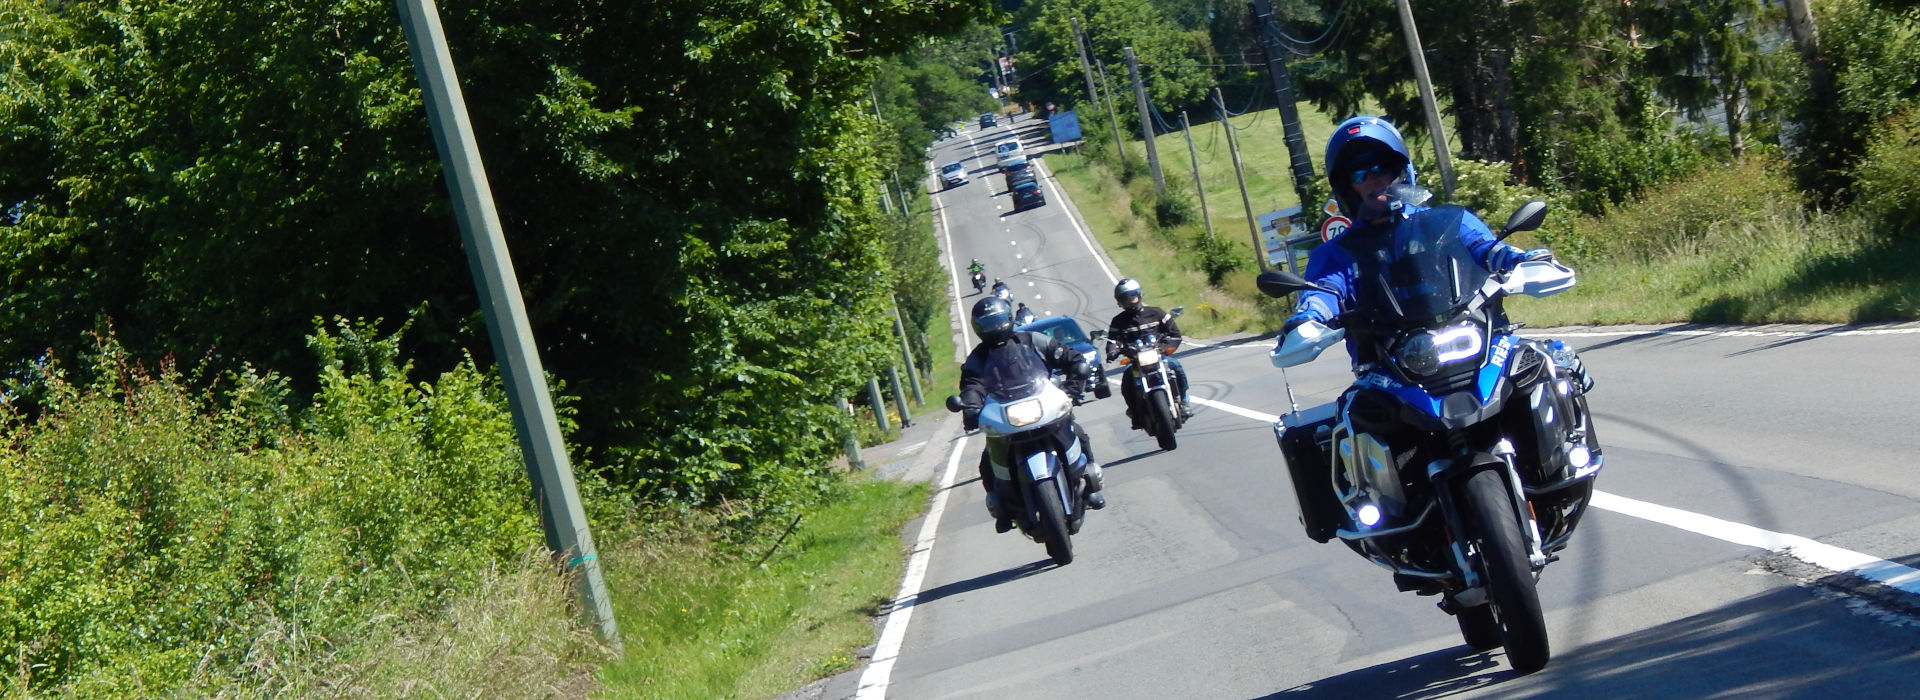 Motorrijbewijspoint Bunnik spoed motorrijbewijs